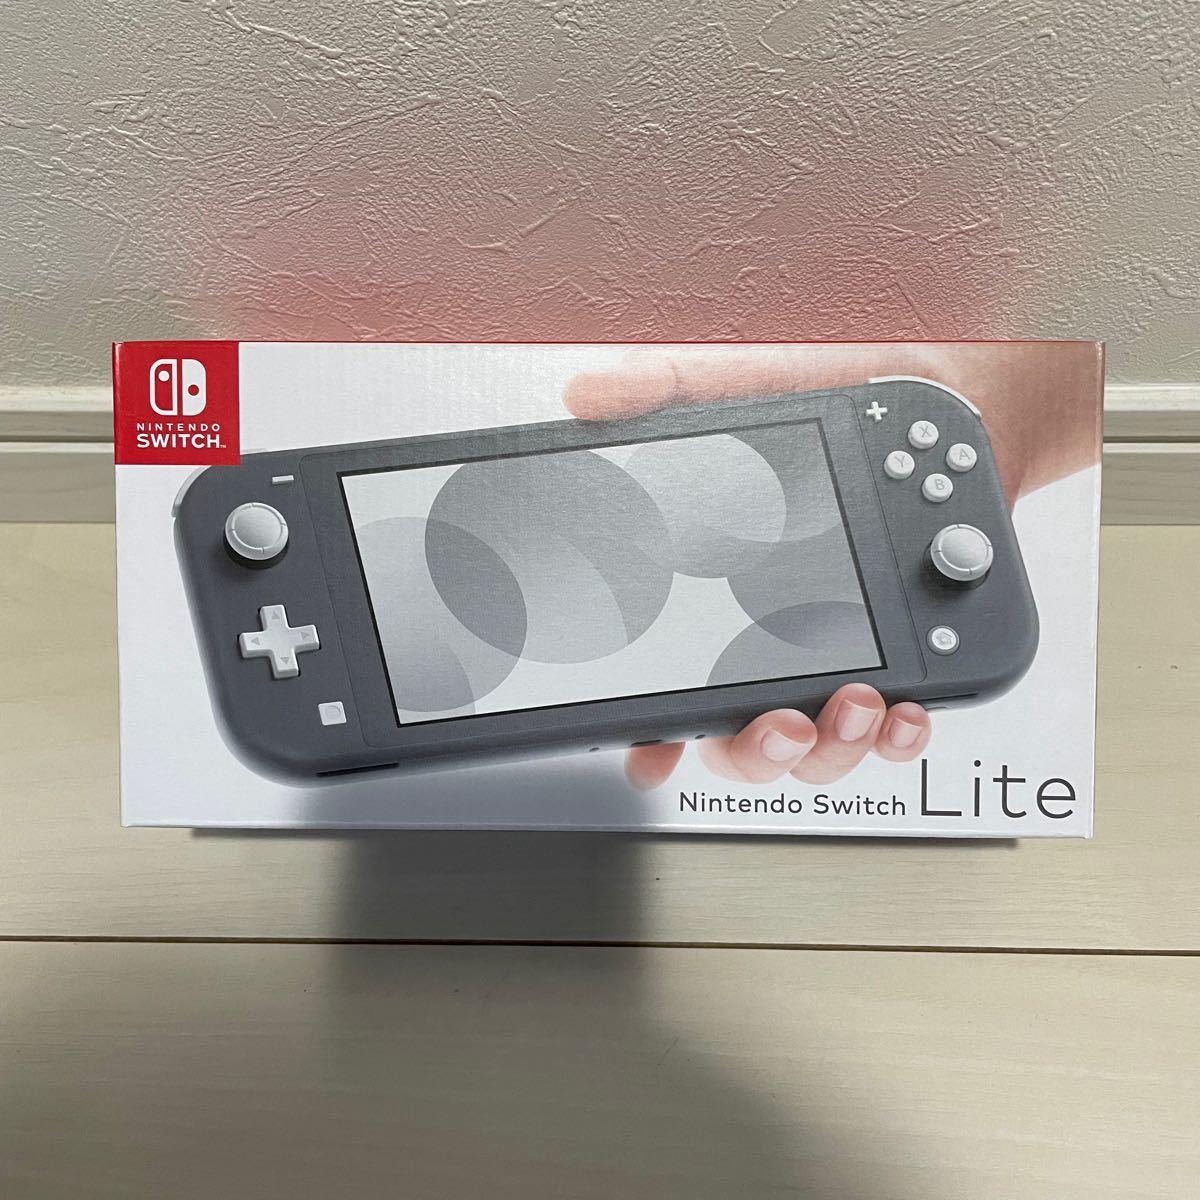 Nintendo Switch Lite ニンテンドー スイッチ ライト グレー